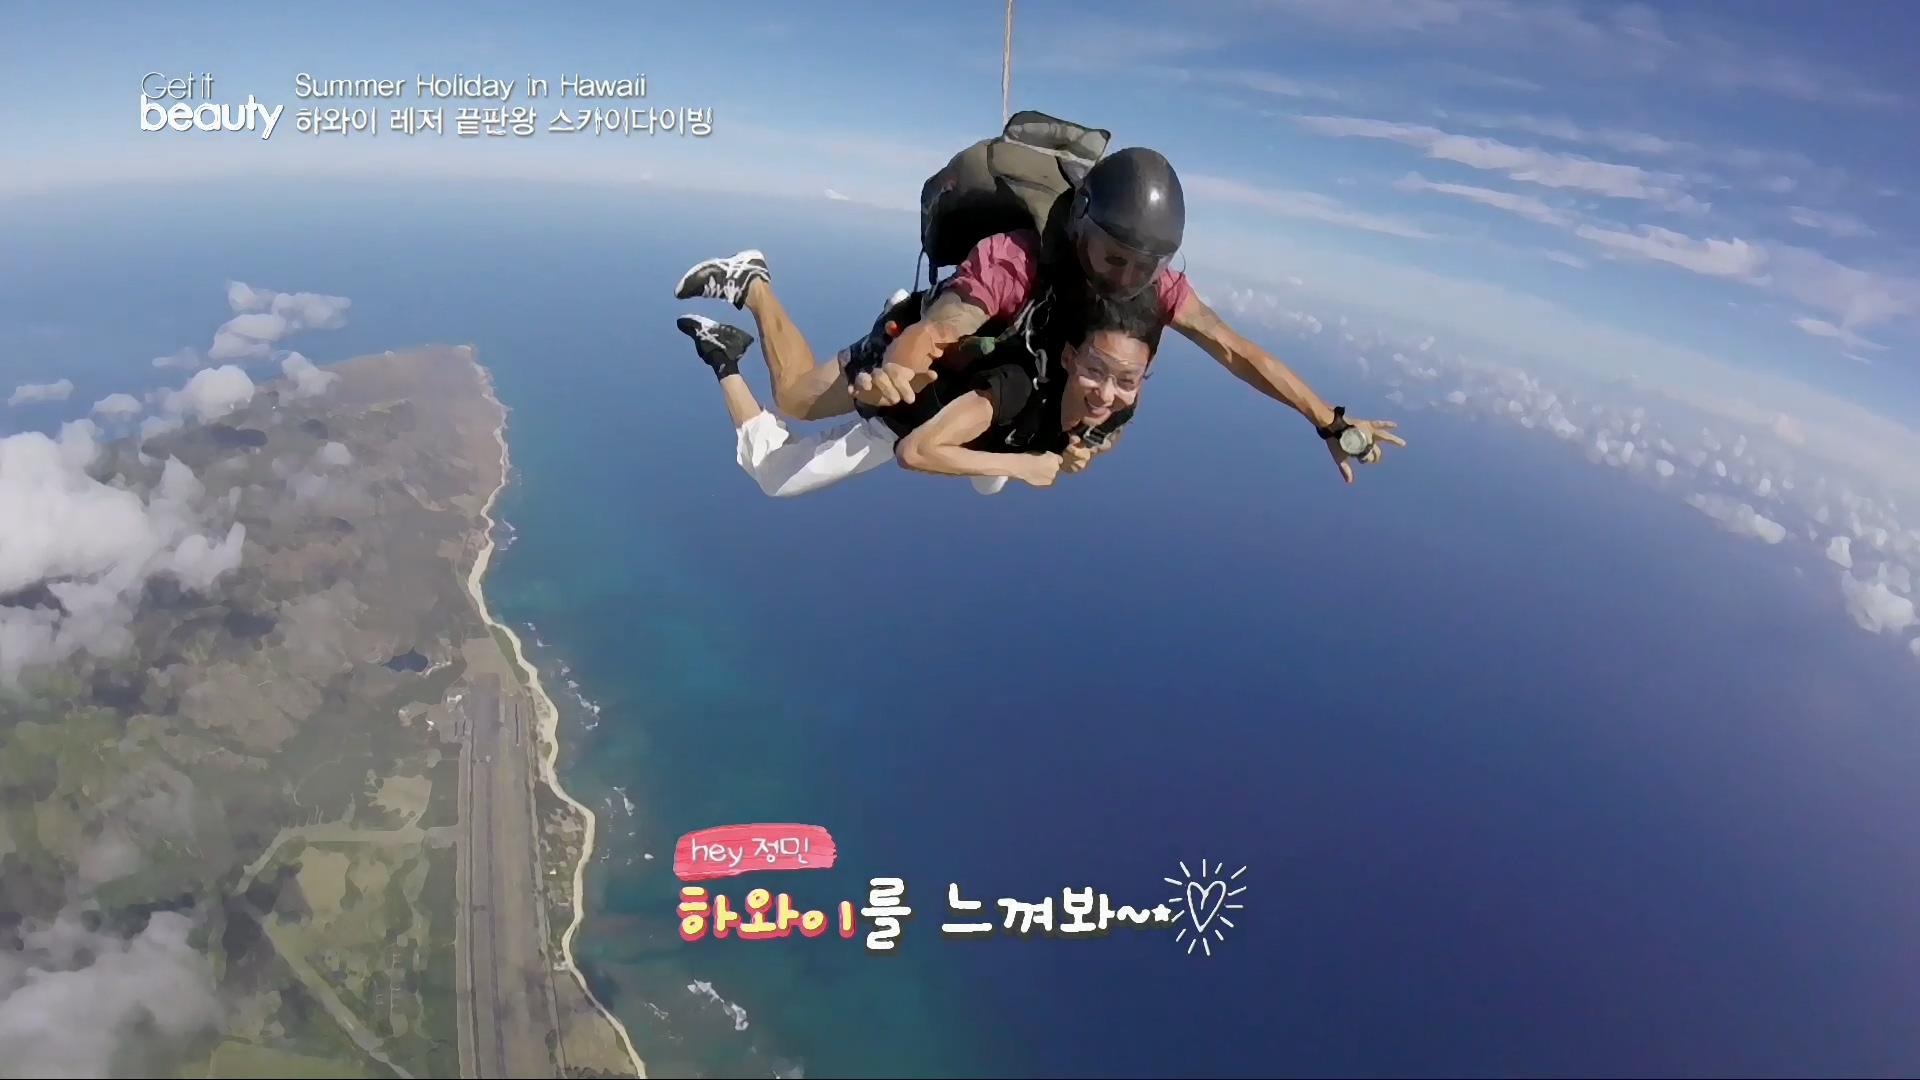 하늘 위에서 하와이의 모든 것을 내려다볼 수 있는 스카이 다이빙.  전문가와 함께 뛰어내려 안정상으로도 전혀 문제가 없다.